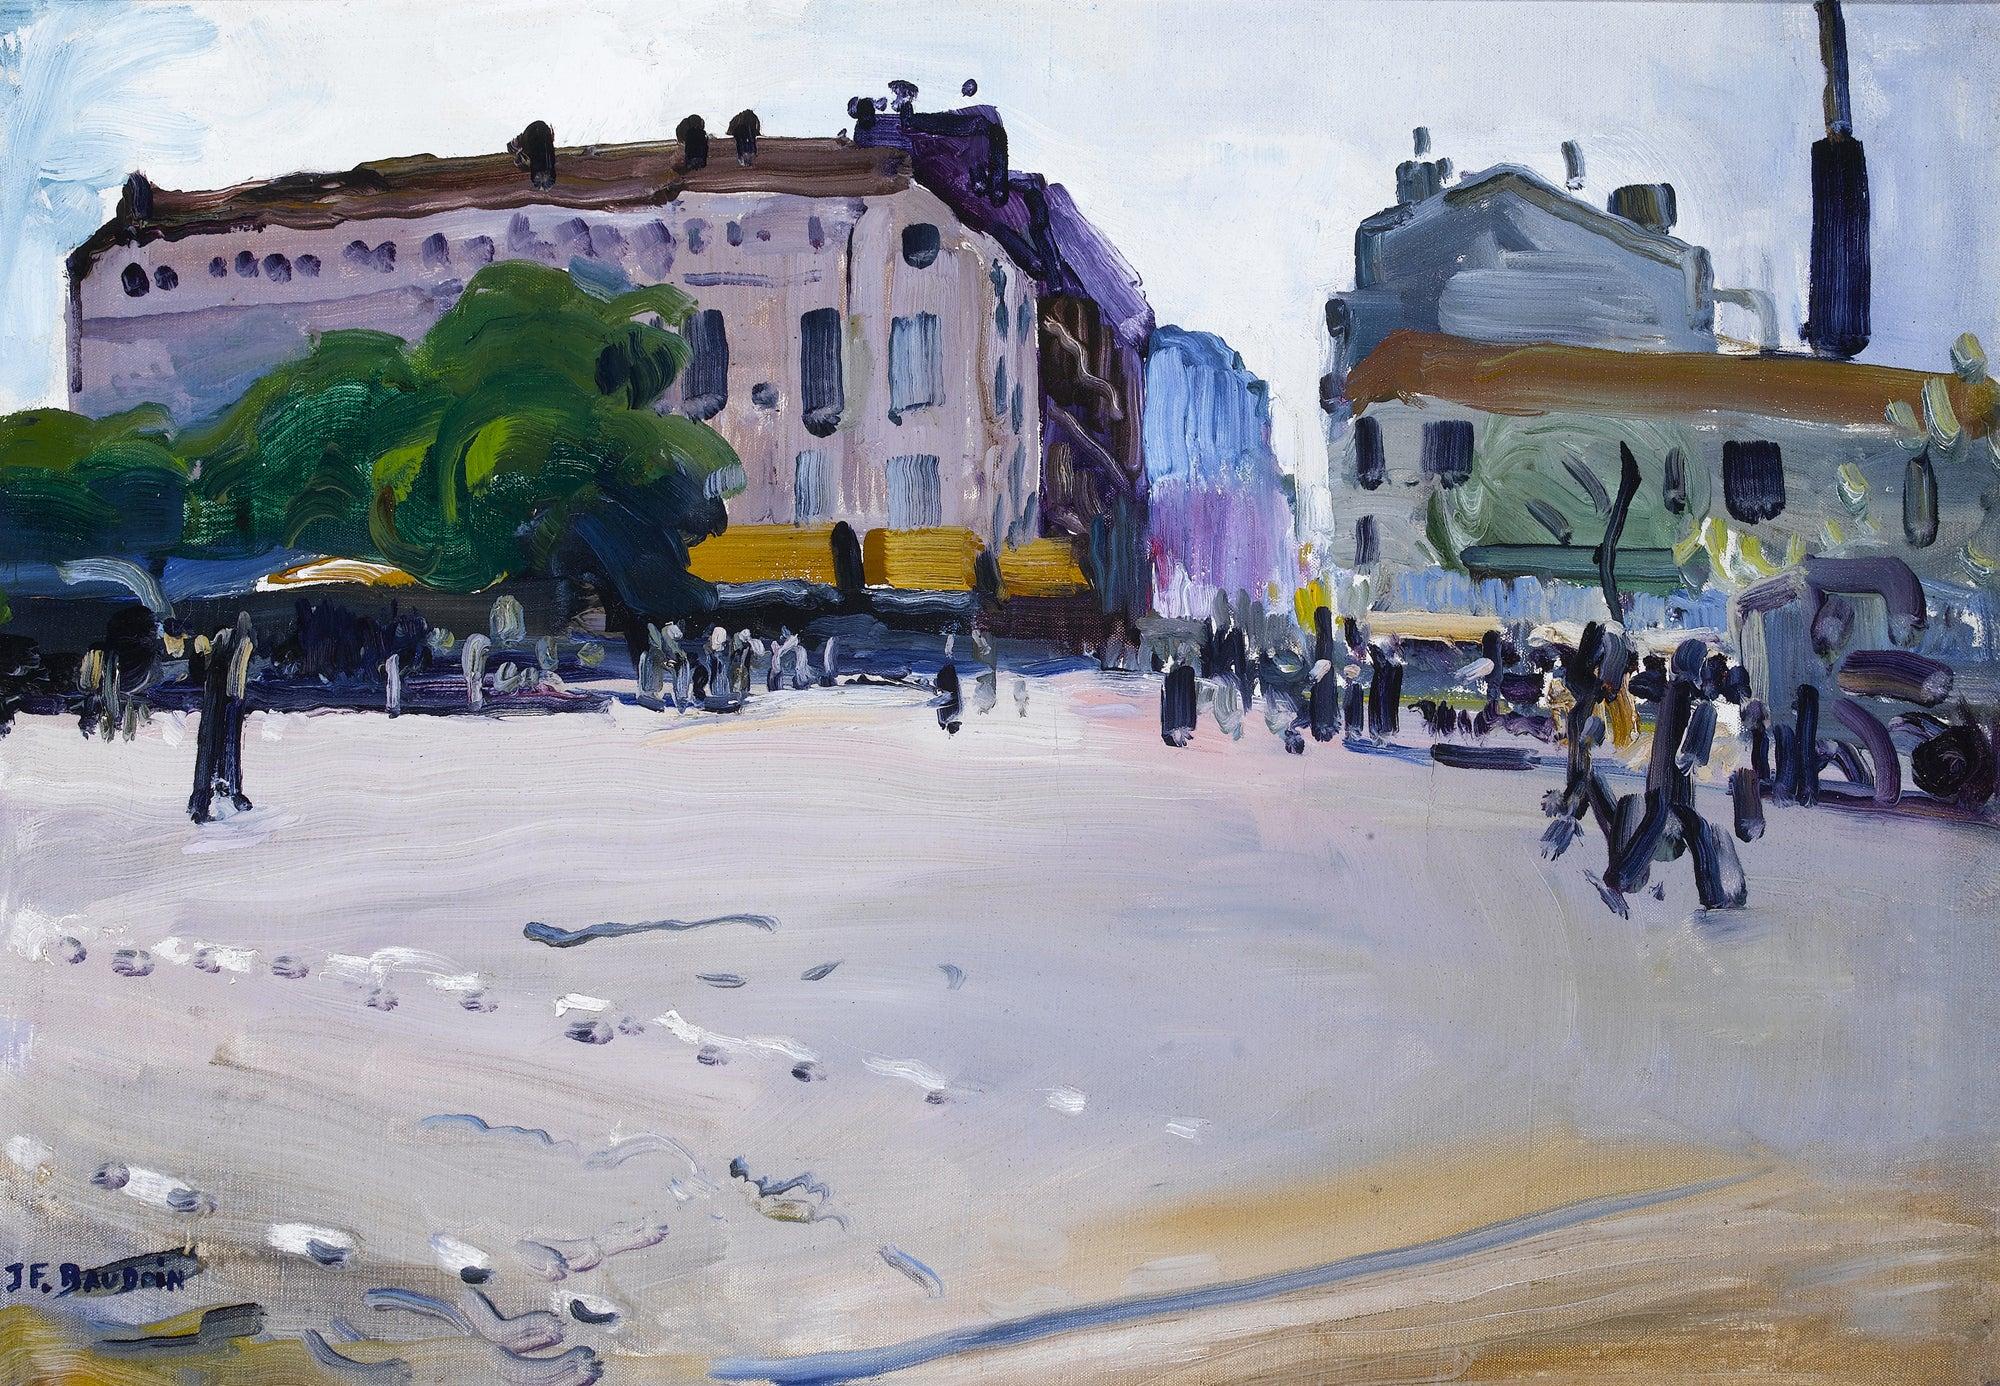 'Place de la Bataille' Busy French Paris Street Scene with Figures, Buildings